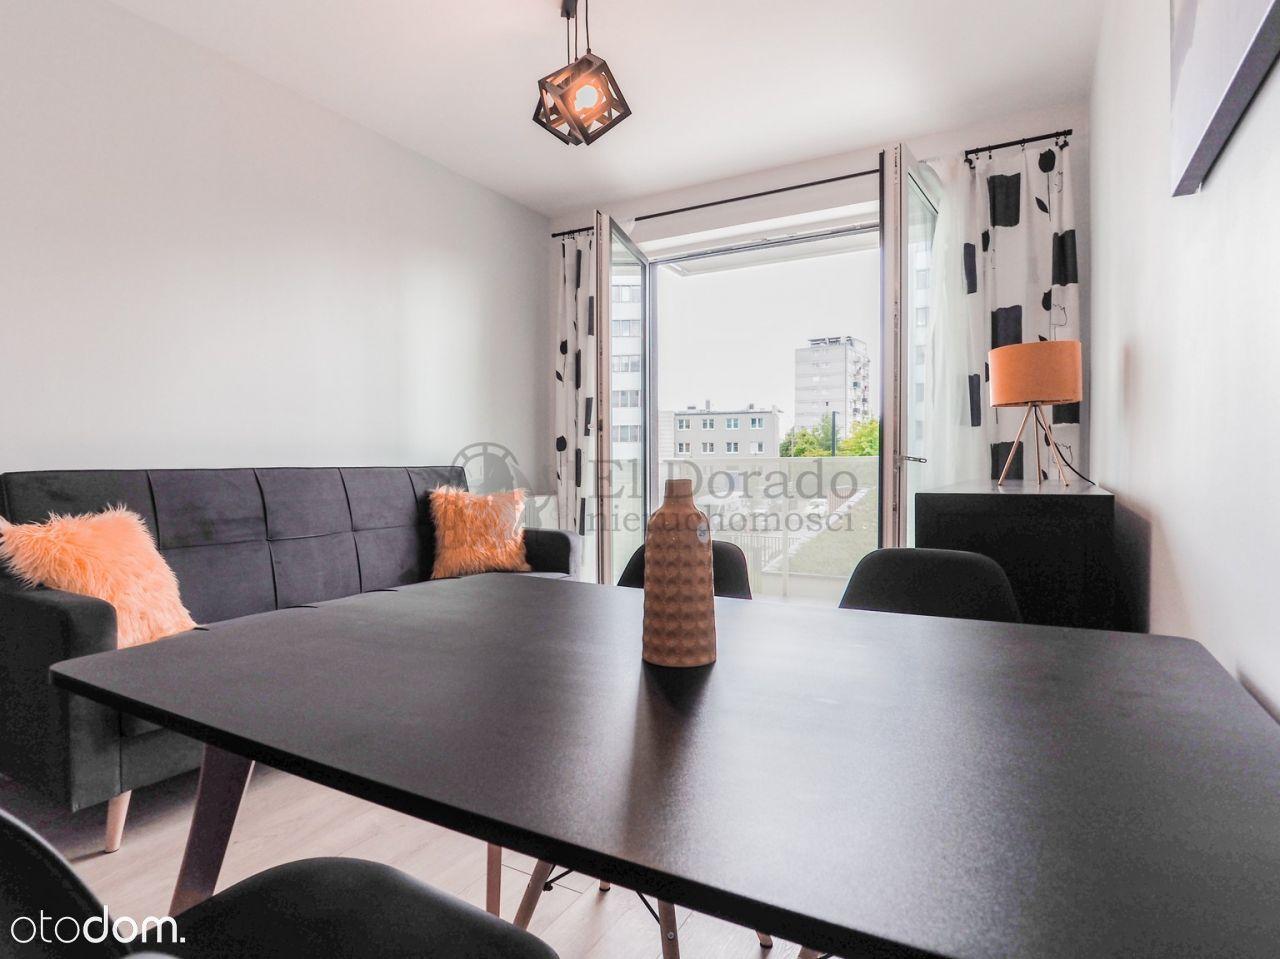 Nowe! 2-pok. mieszkanie + Balkon + Garaż | Centrum